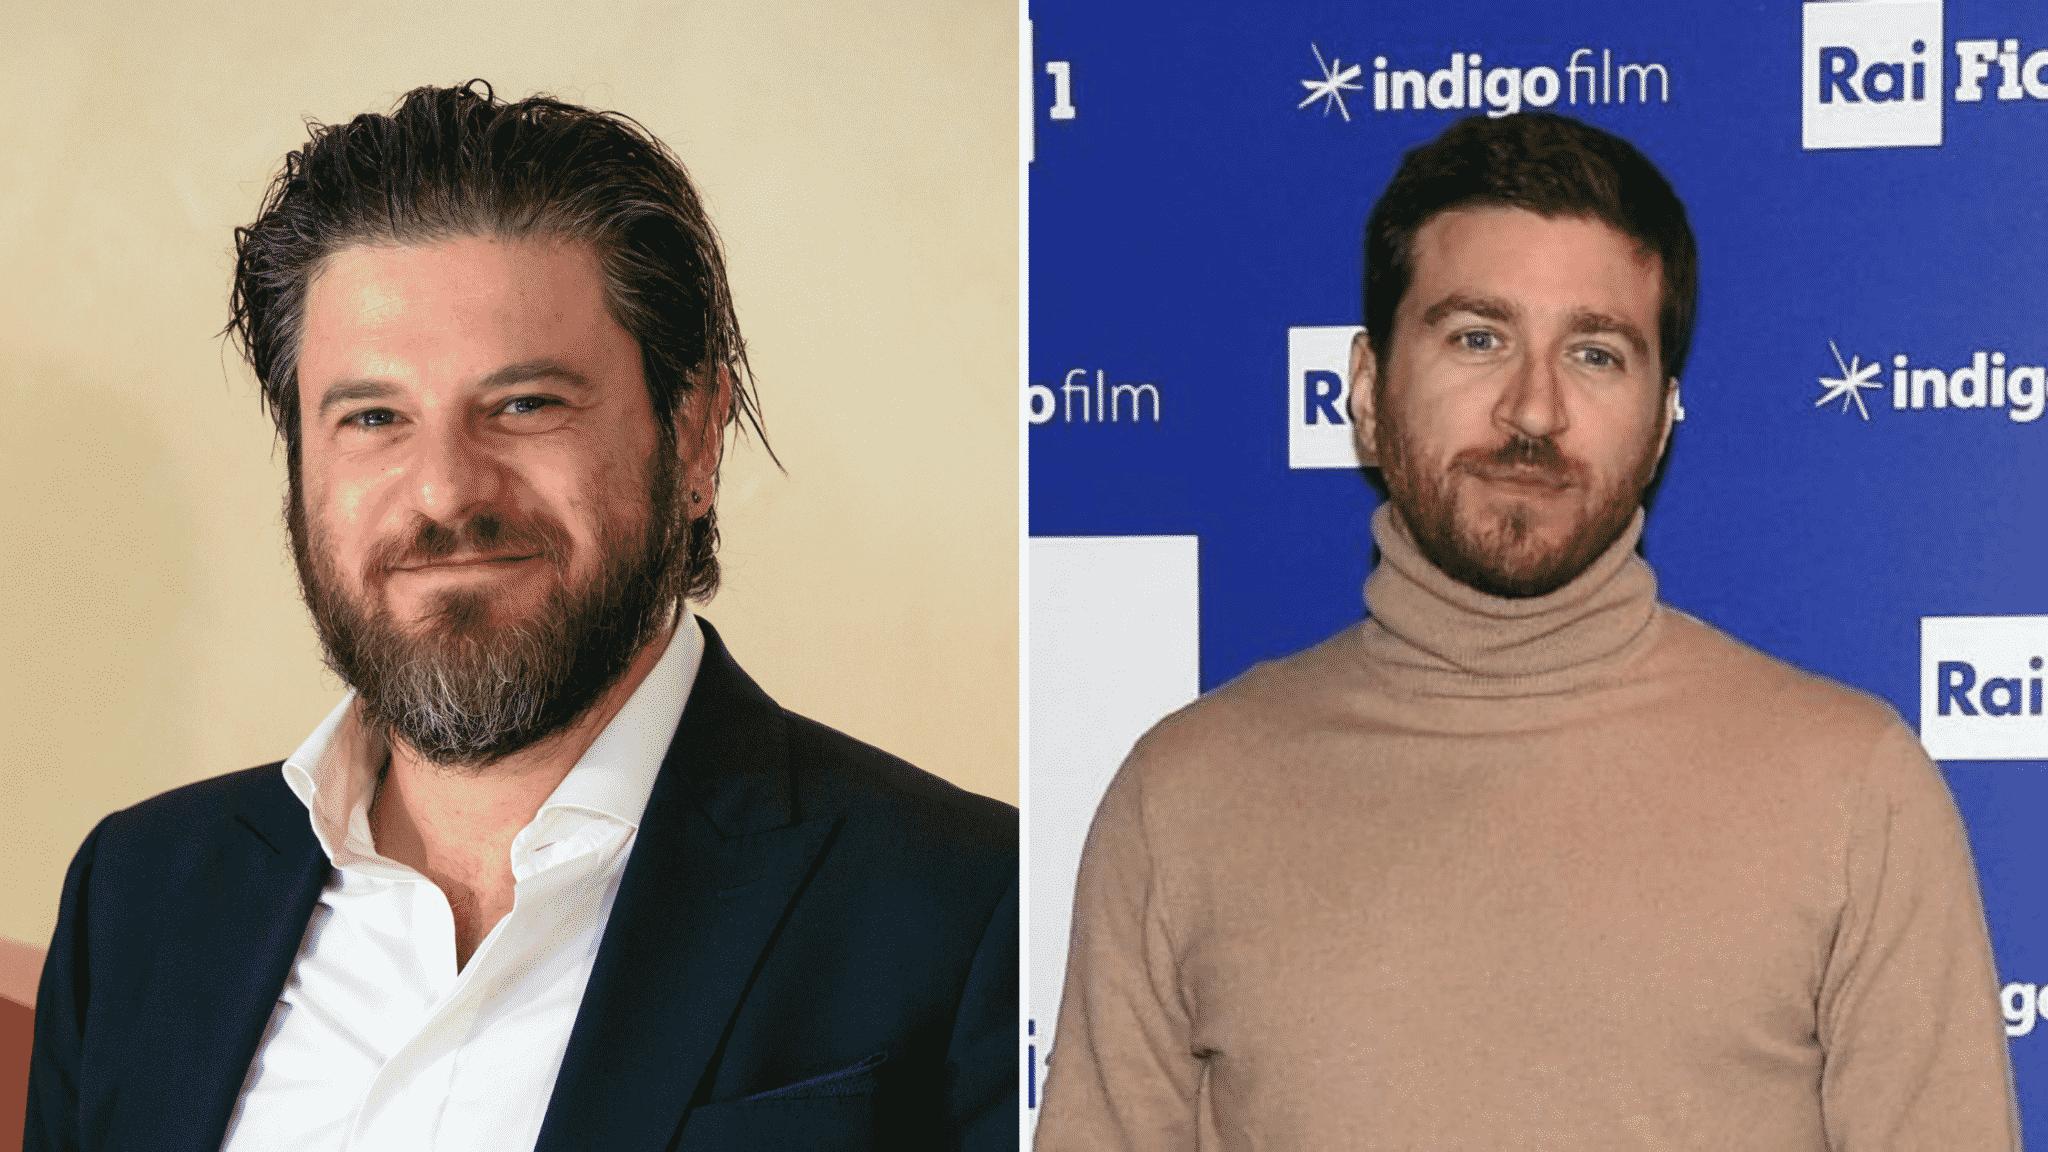 Altrimenti ci arrabbiamo: Edoardo Pesce e Alessandro Roja saranno i protagonisti del remake